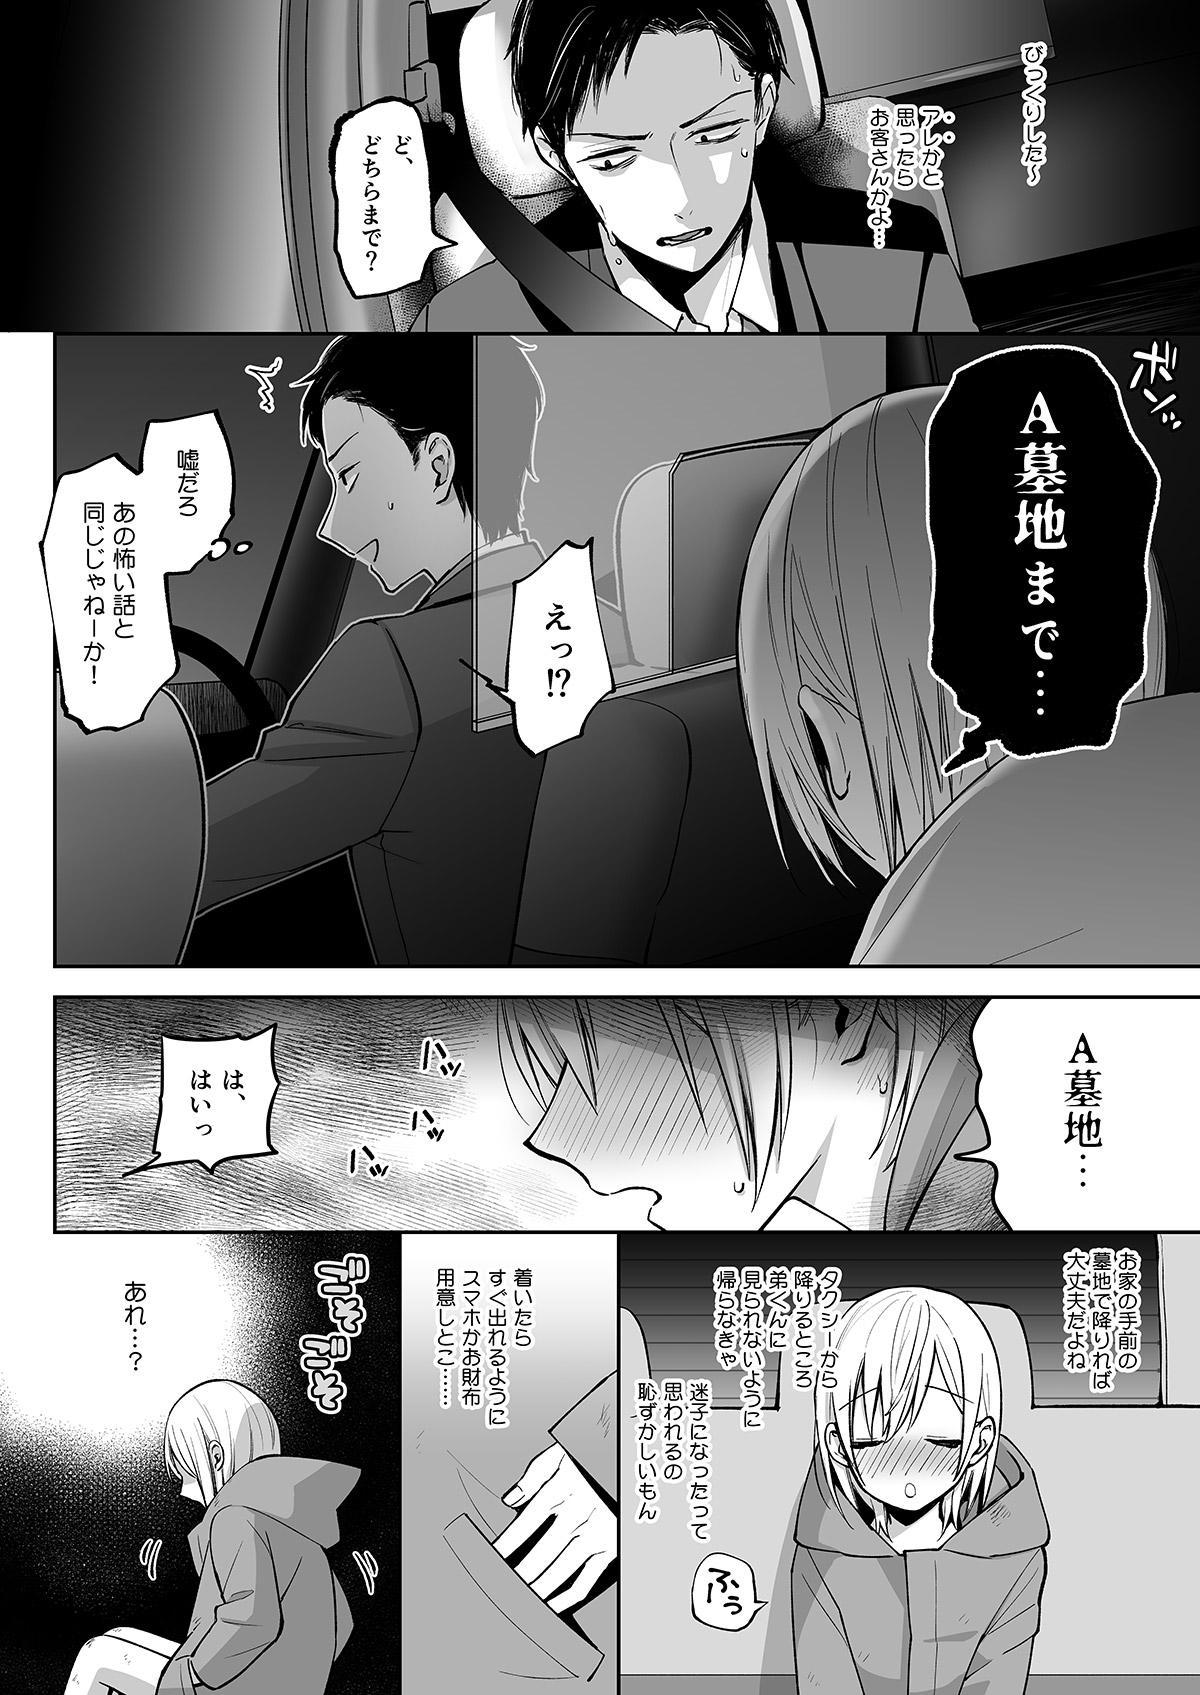 オナ兄さん・夜のおさんぽ露出 23